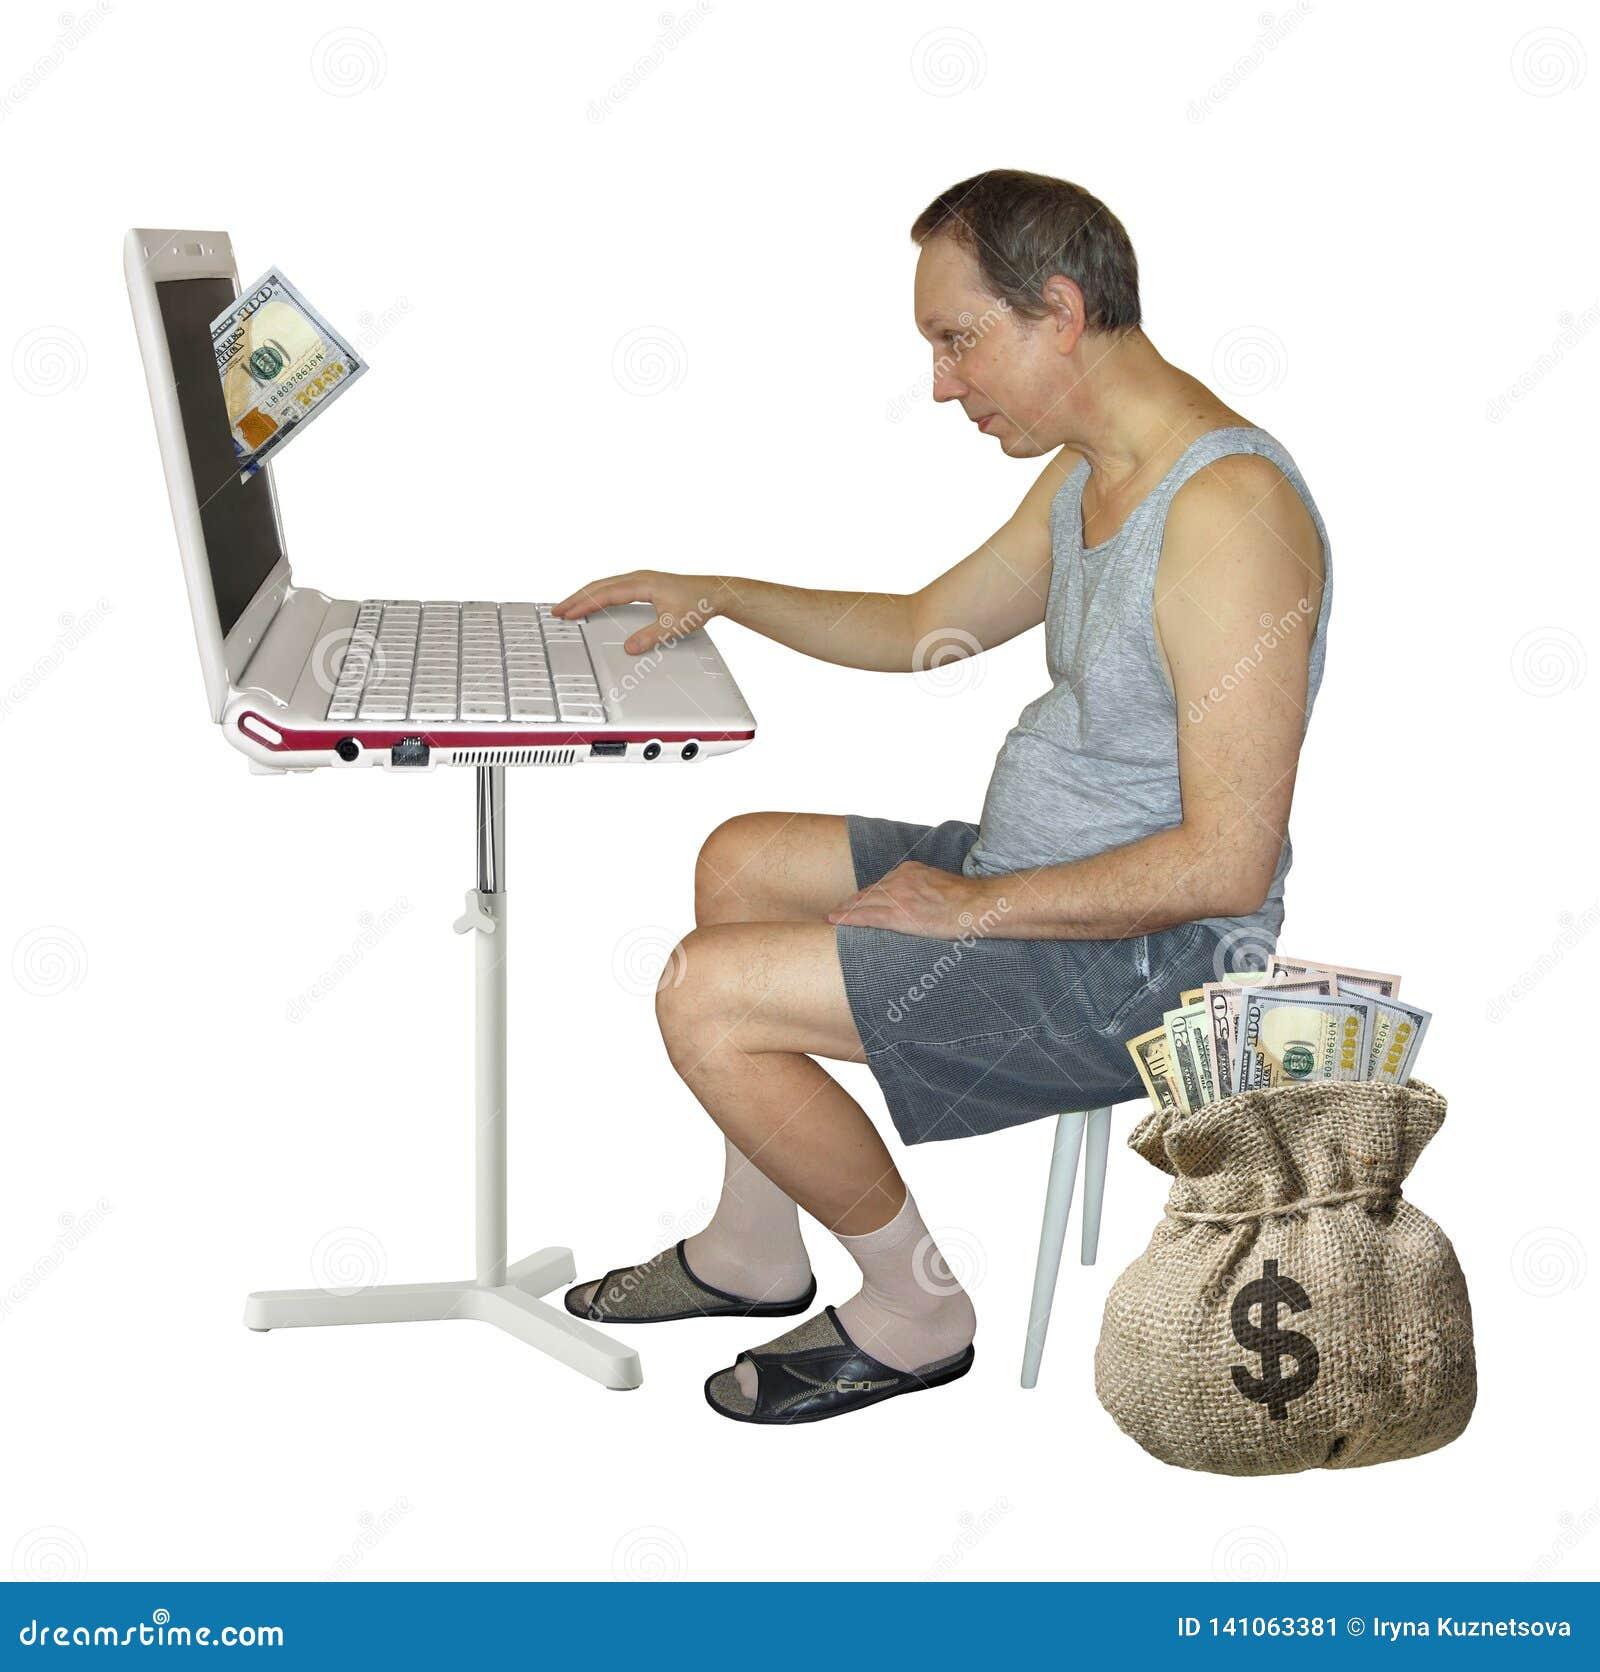 como ganhar dinheiro sentado em seu computador menor pode investir na bolsa de valores ganhar mais dinheiro enquanto trabalha menos